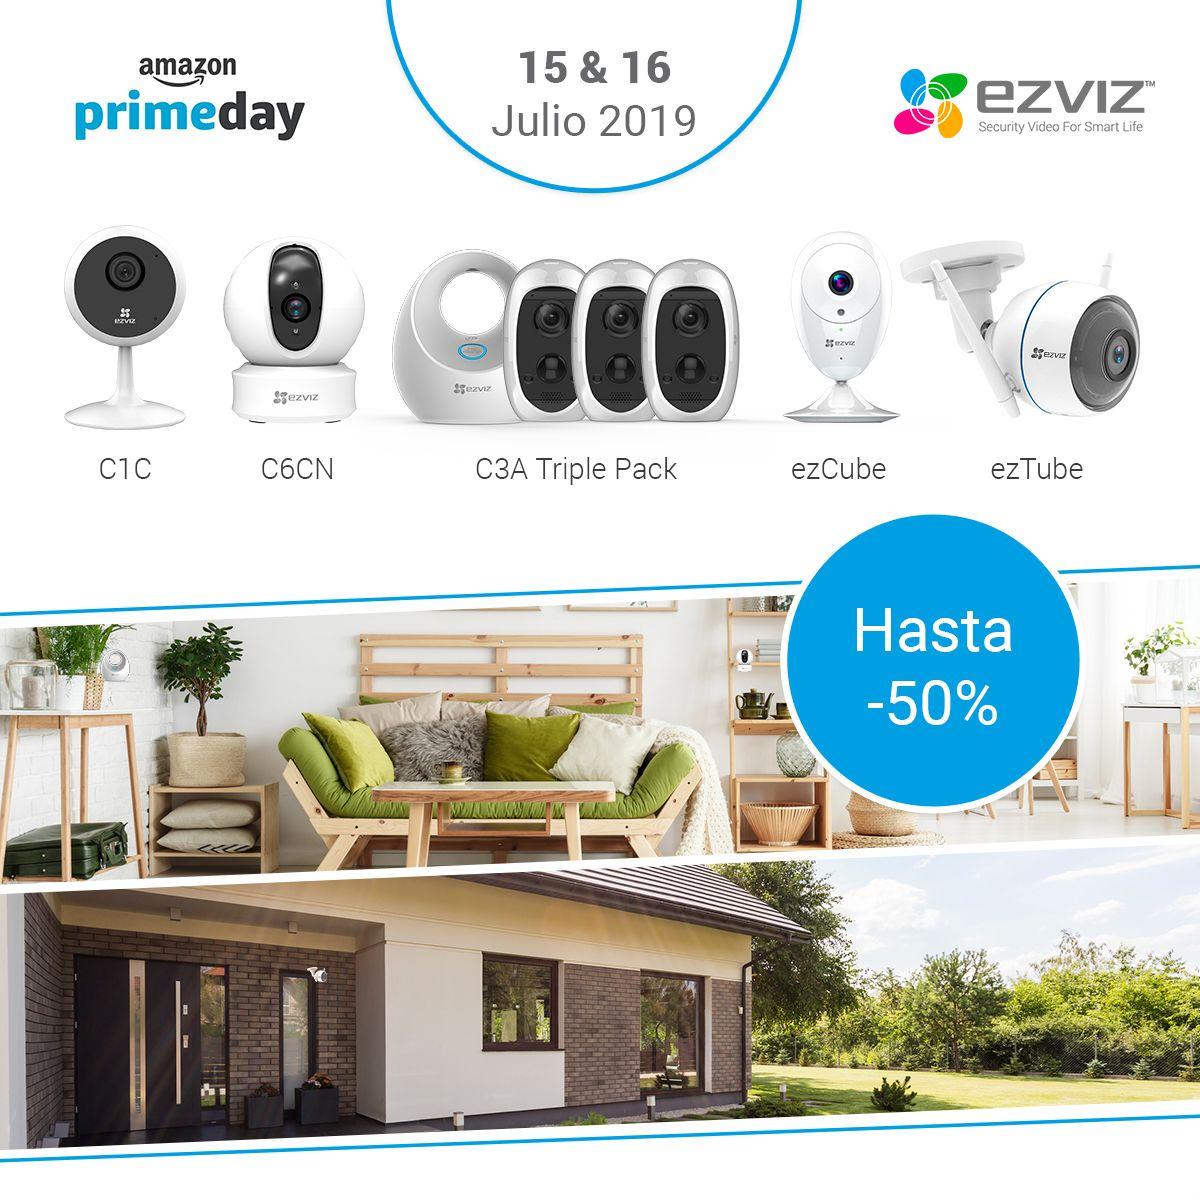 EZVIZ, referente en seguridad para el hogar, lanza grandes descuentos durante los Amazon Prime Days